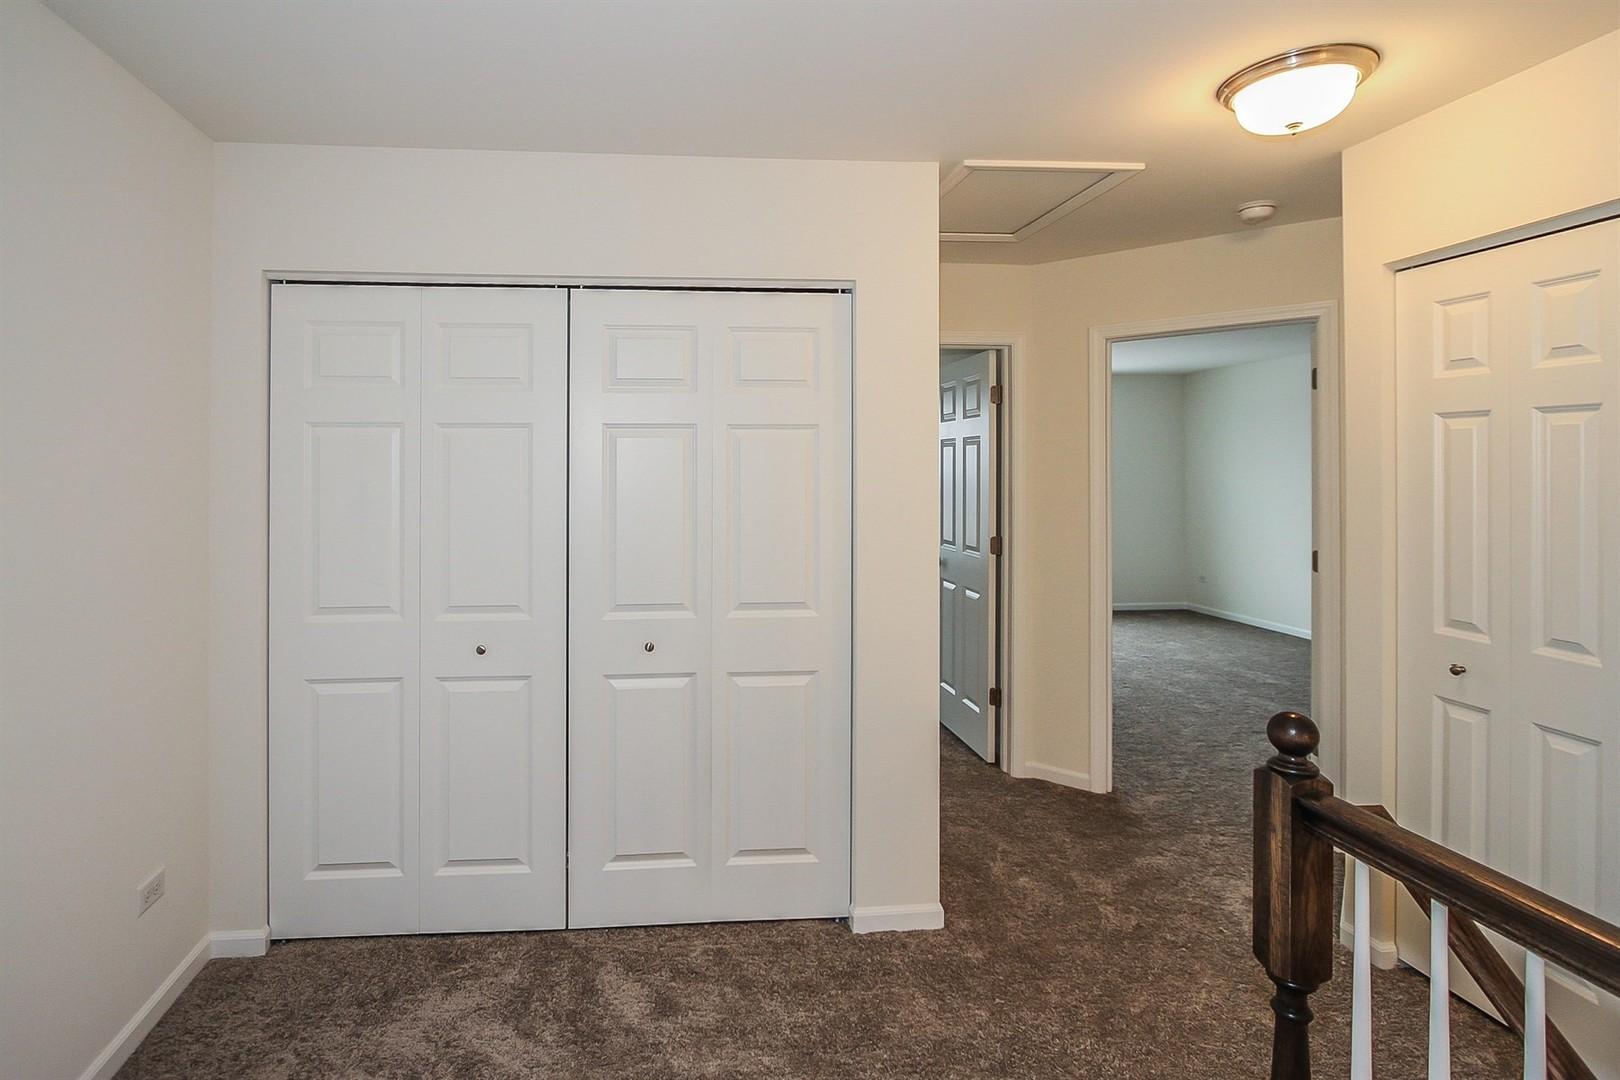 4102 Calder Lot #302, AURORA, Illinois, 60504